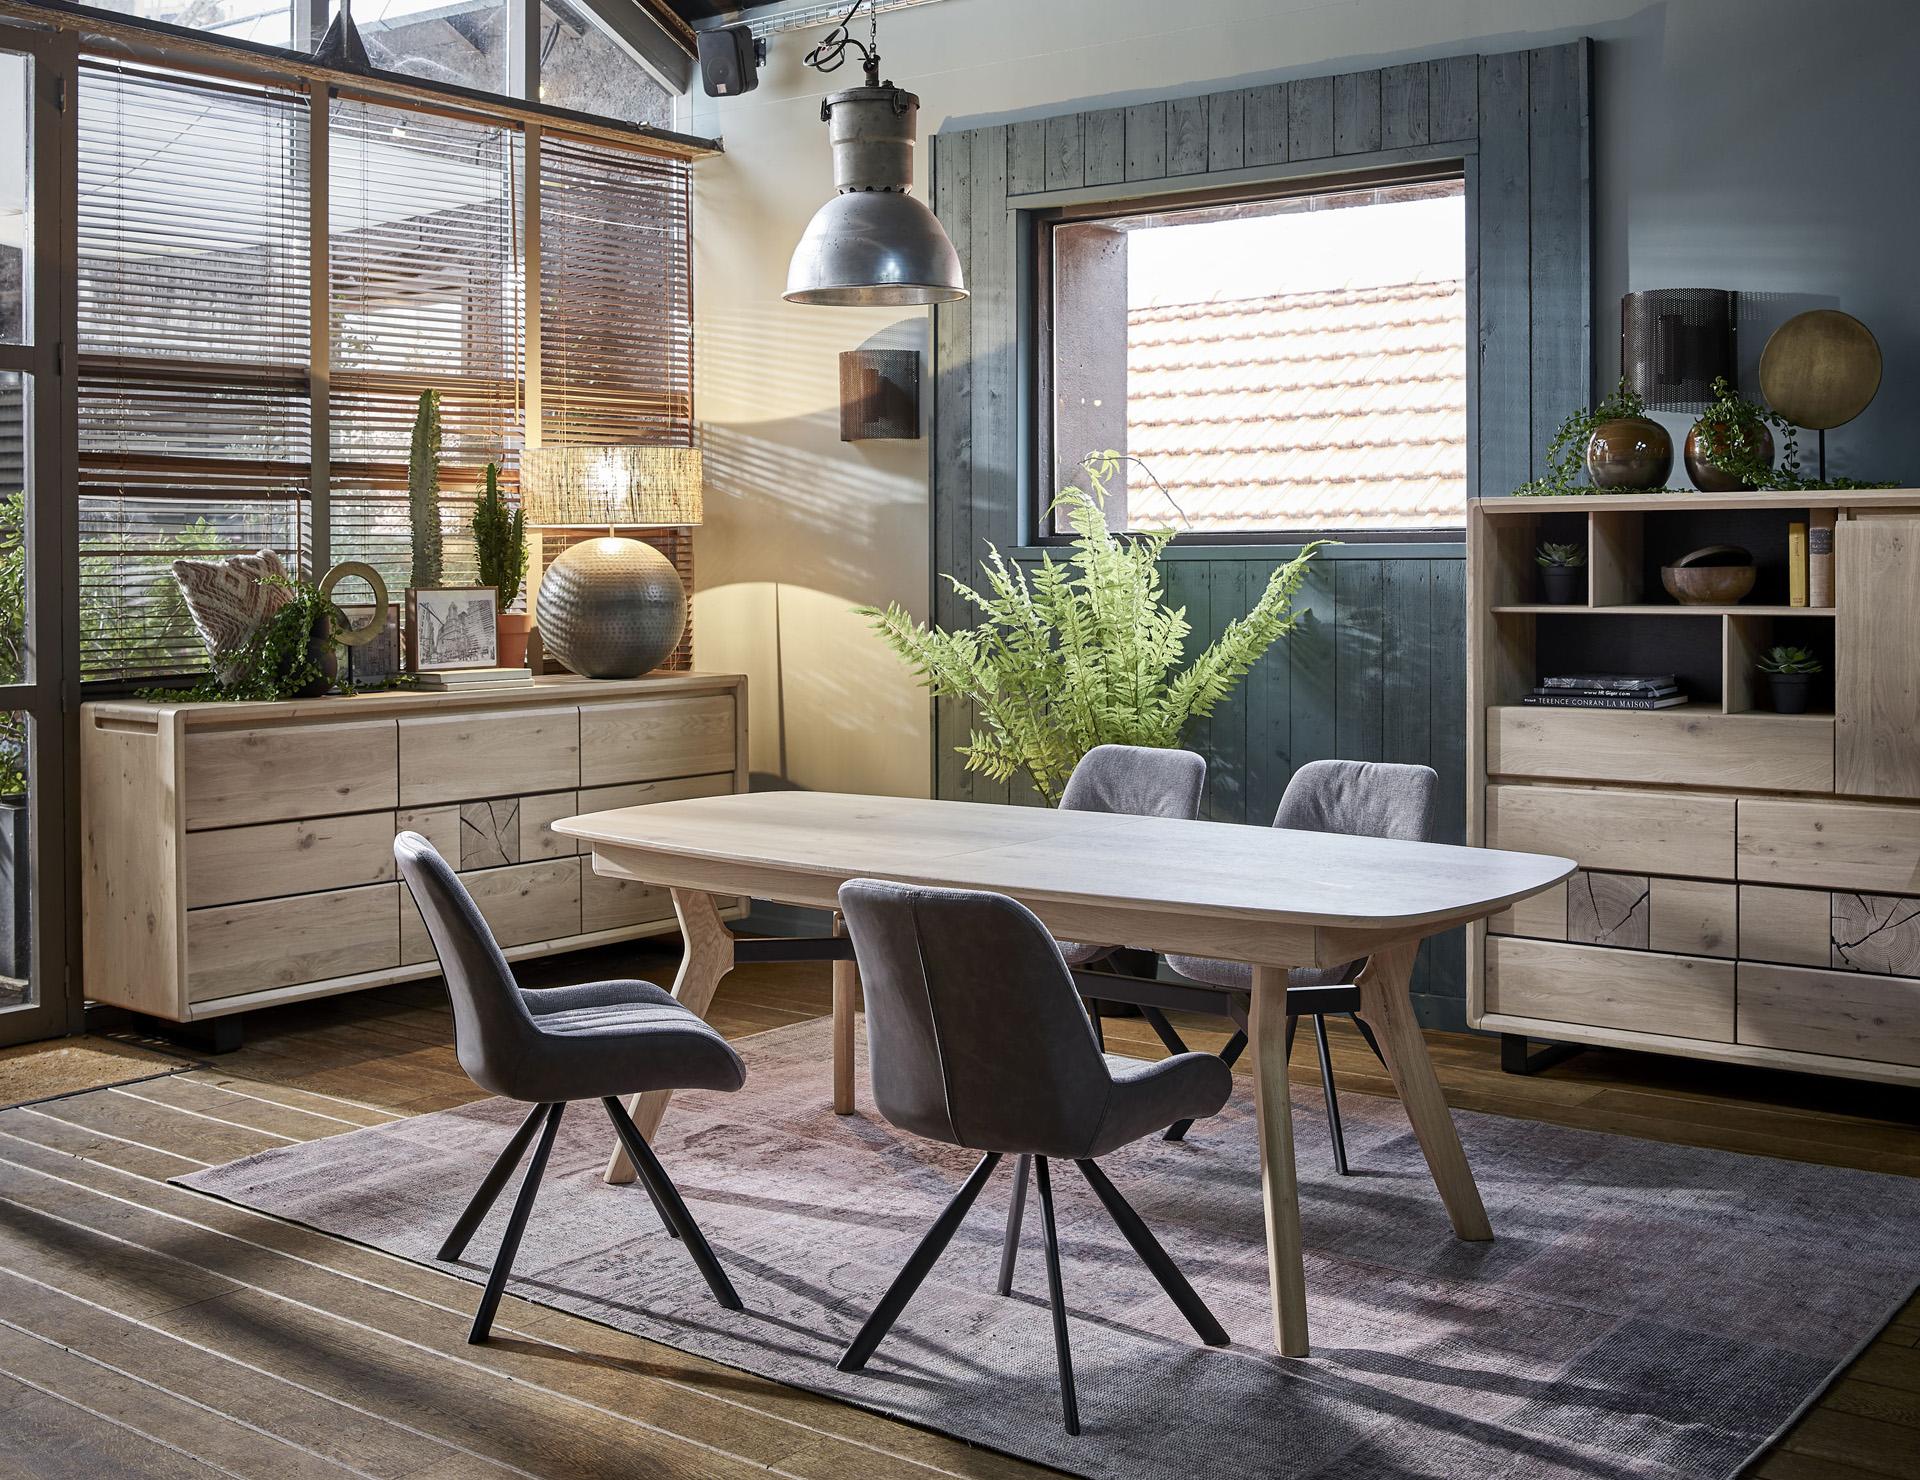 salle a manger avec table en chene massif ateliers de langres eden bois deco